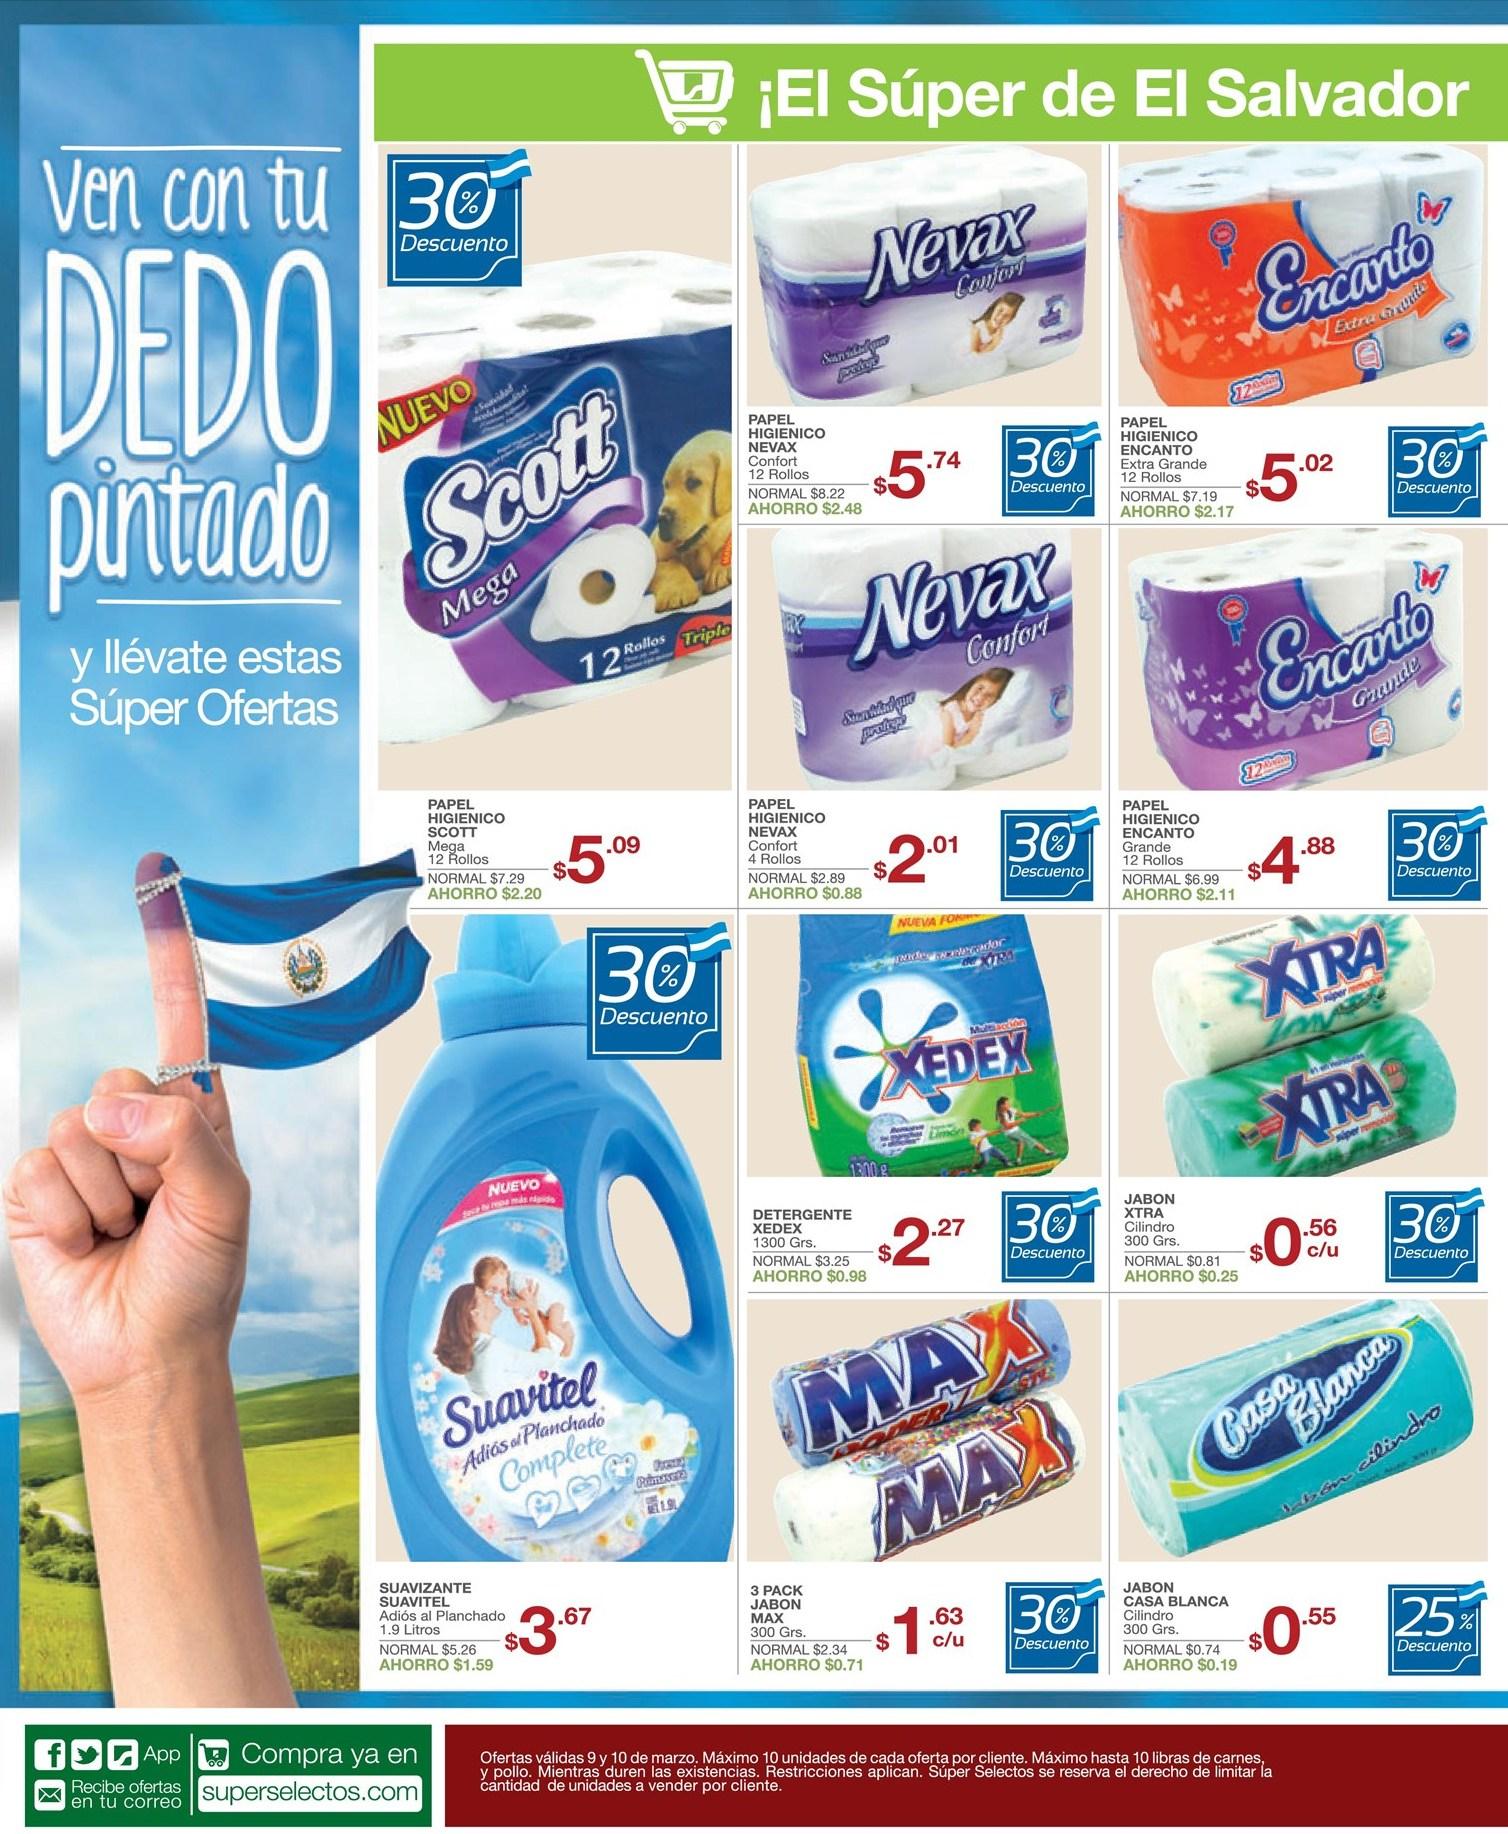 Supermercado EL SALVADOR ofertas descuento promociones SUPER SELECTOS - 09mar14